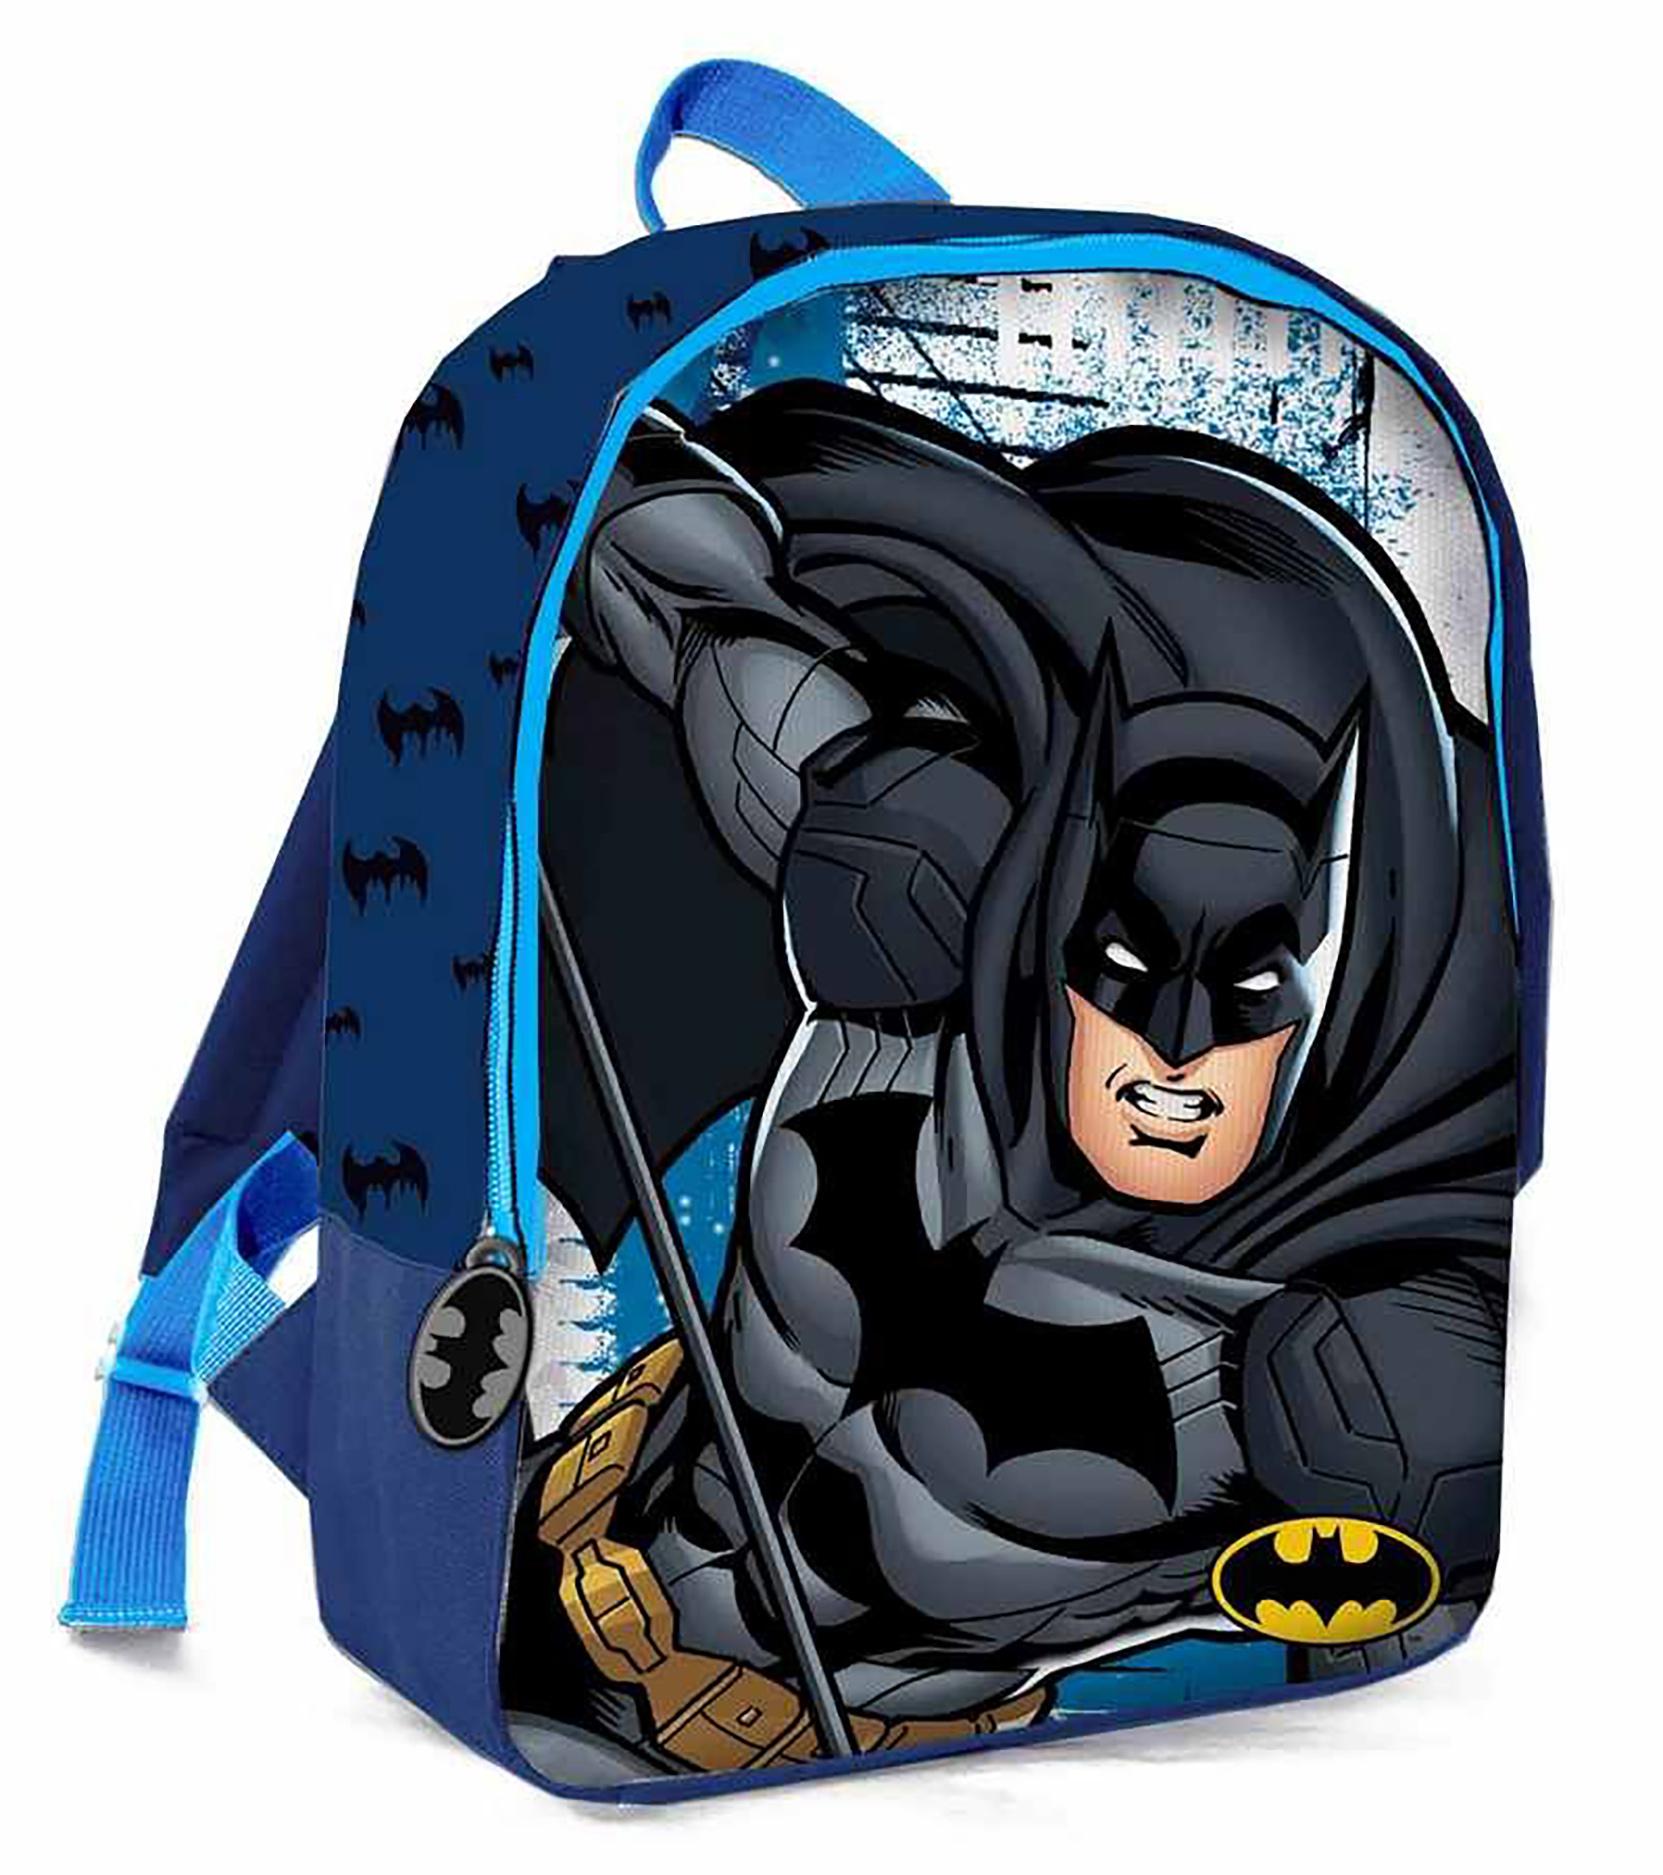 Zaino Batman asilo 27x21x8,5 cm